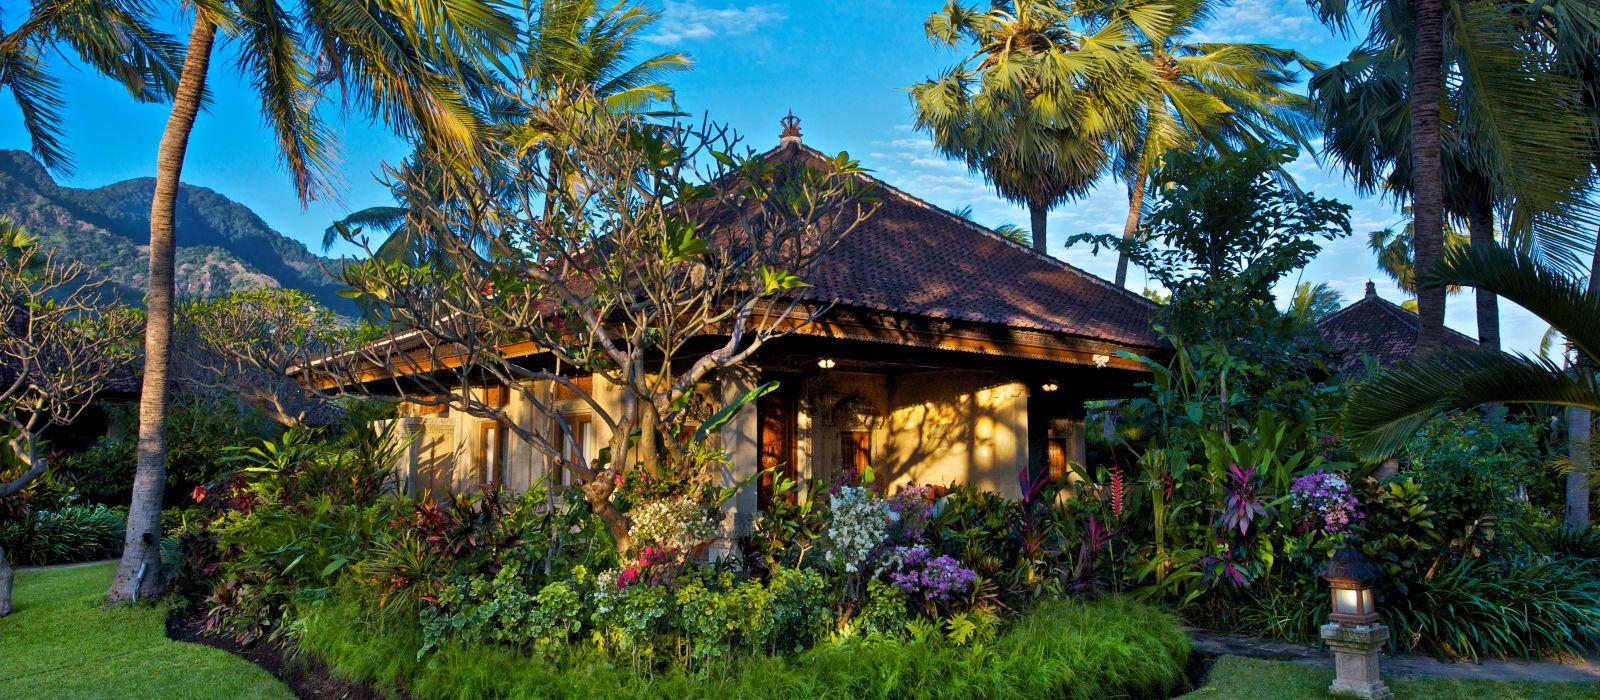 Hotel Matahari Beach Resort & Spa Indonesia